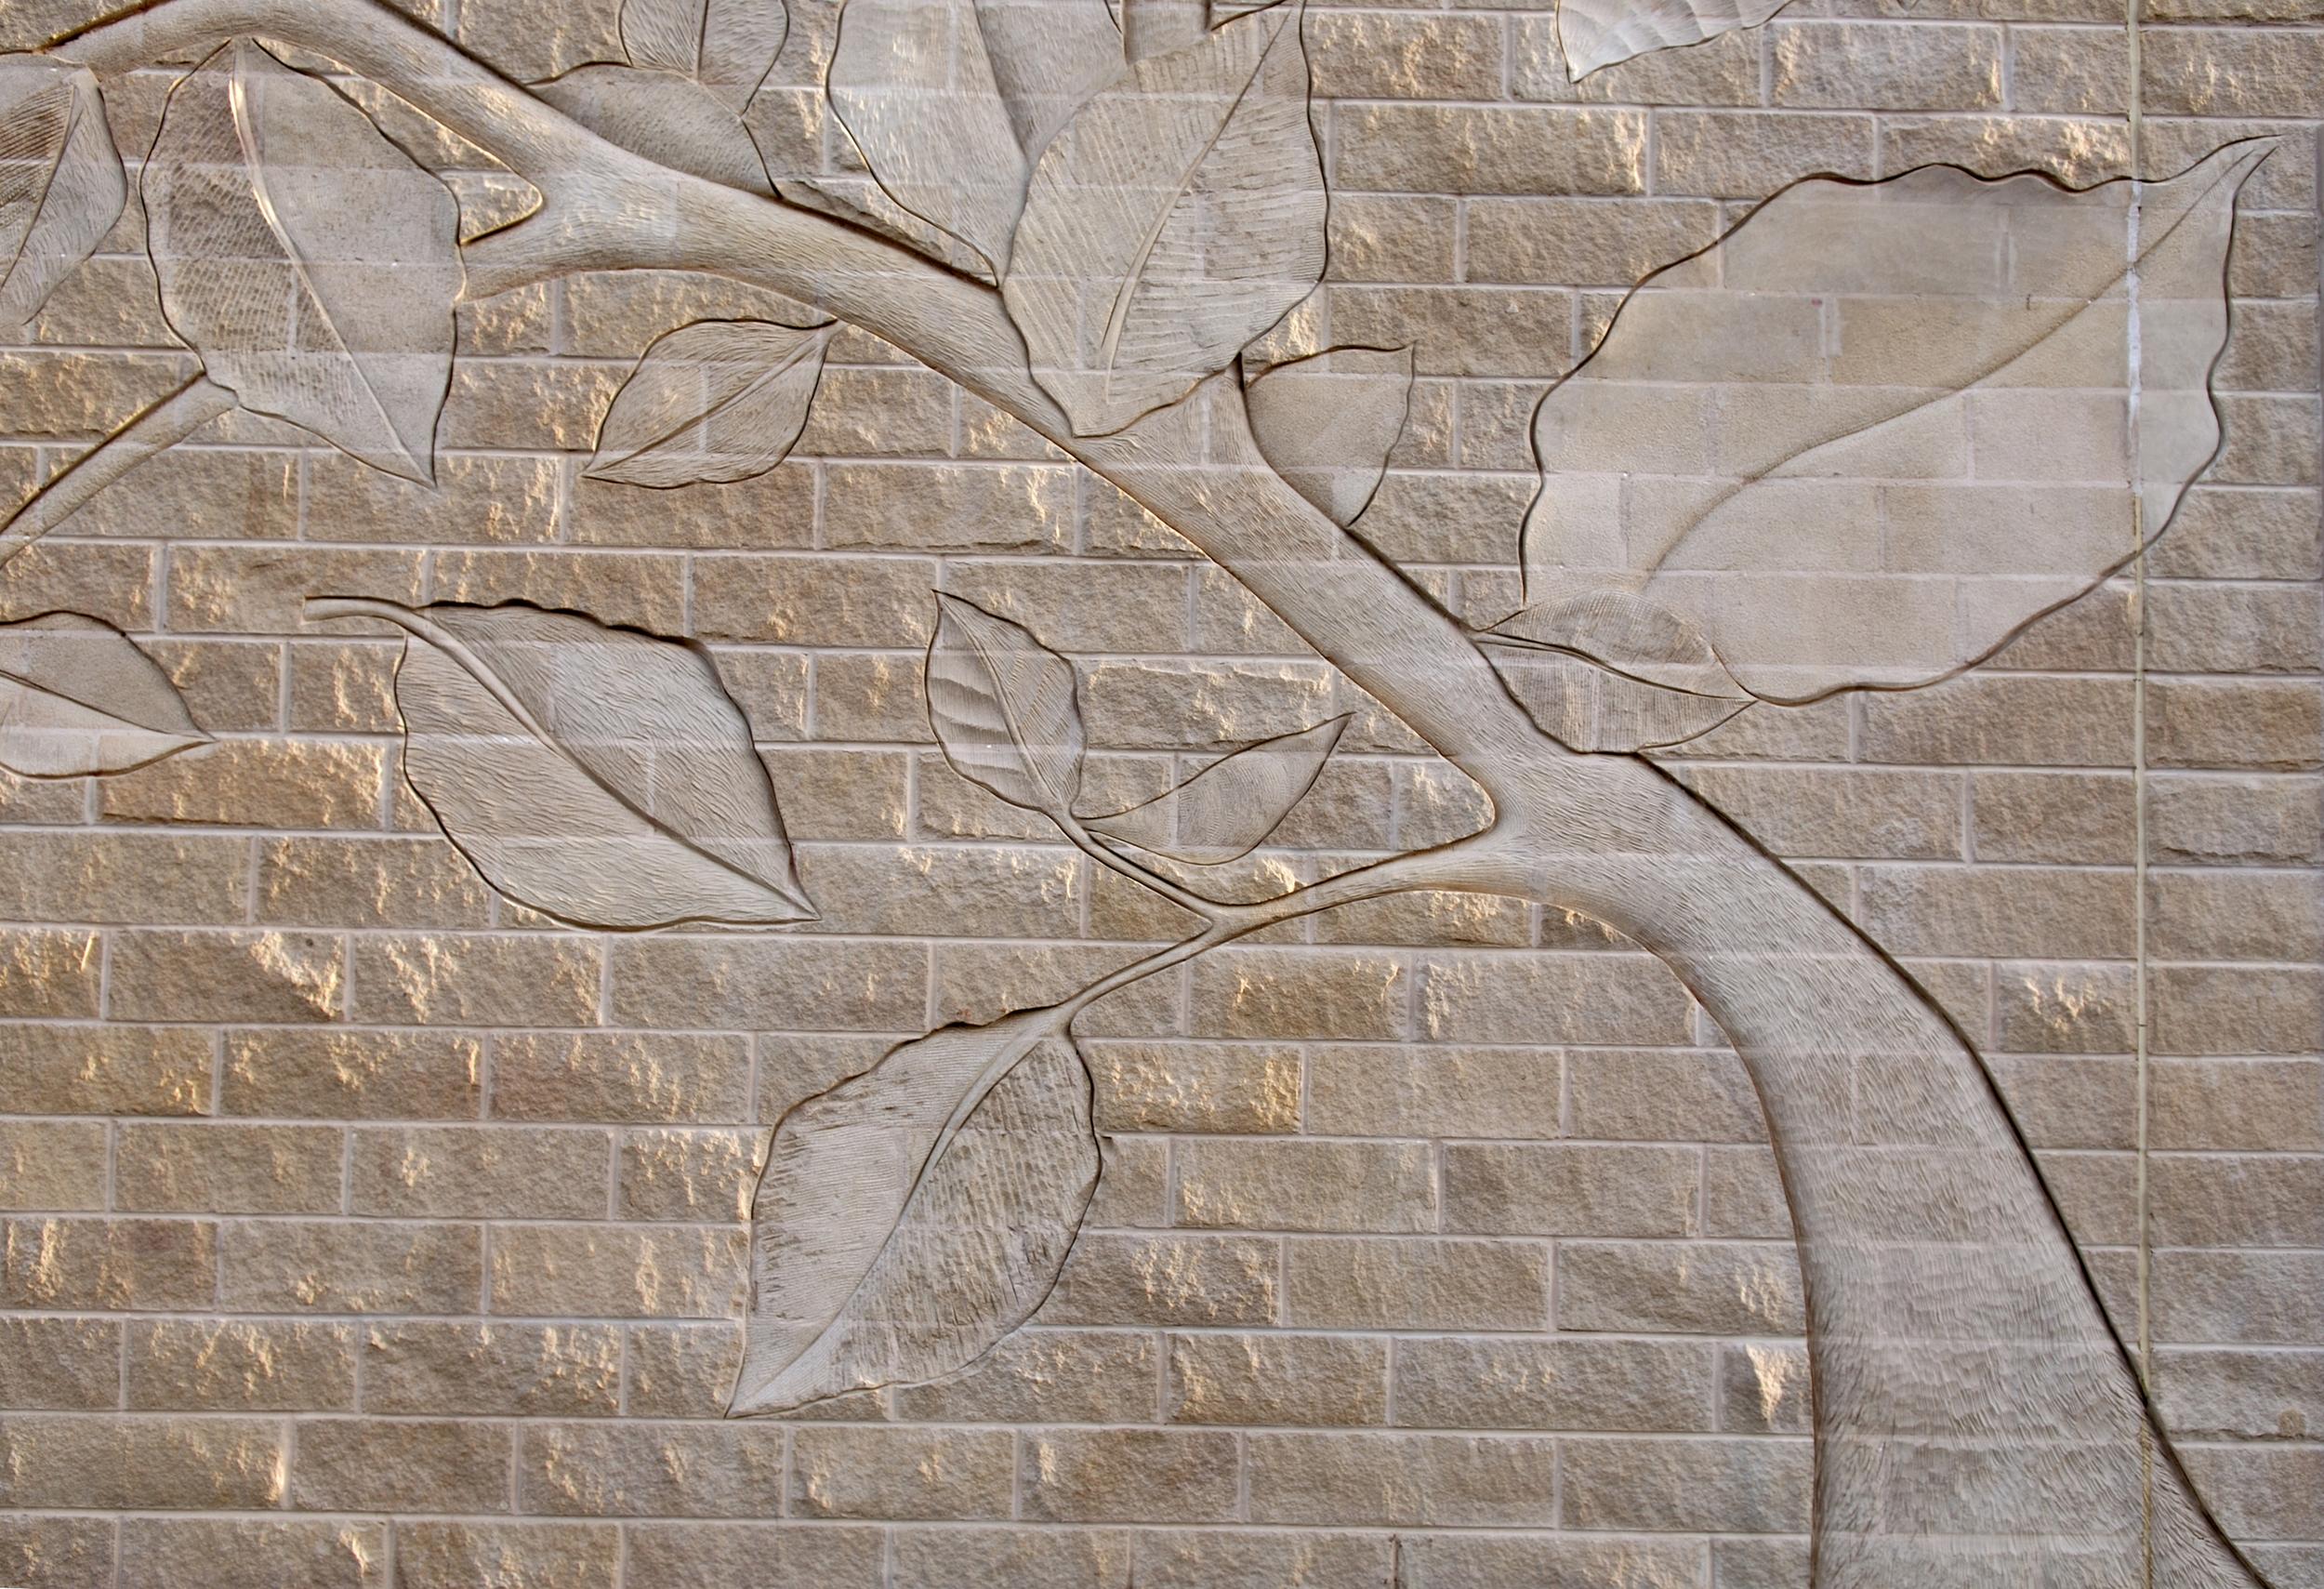 Batley Wall.